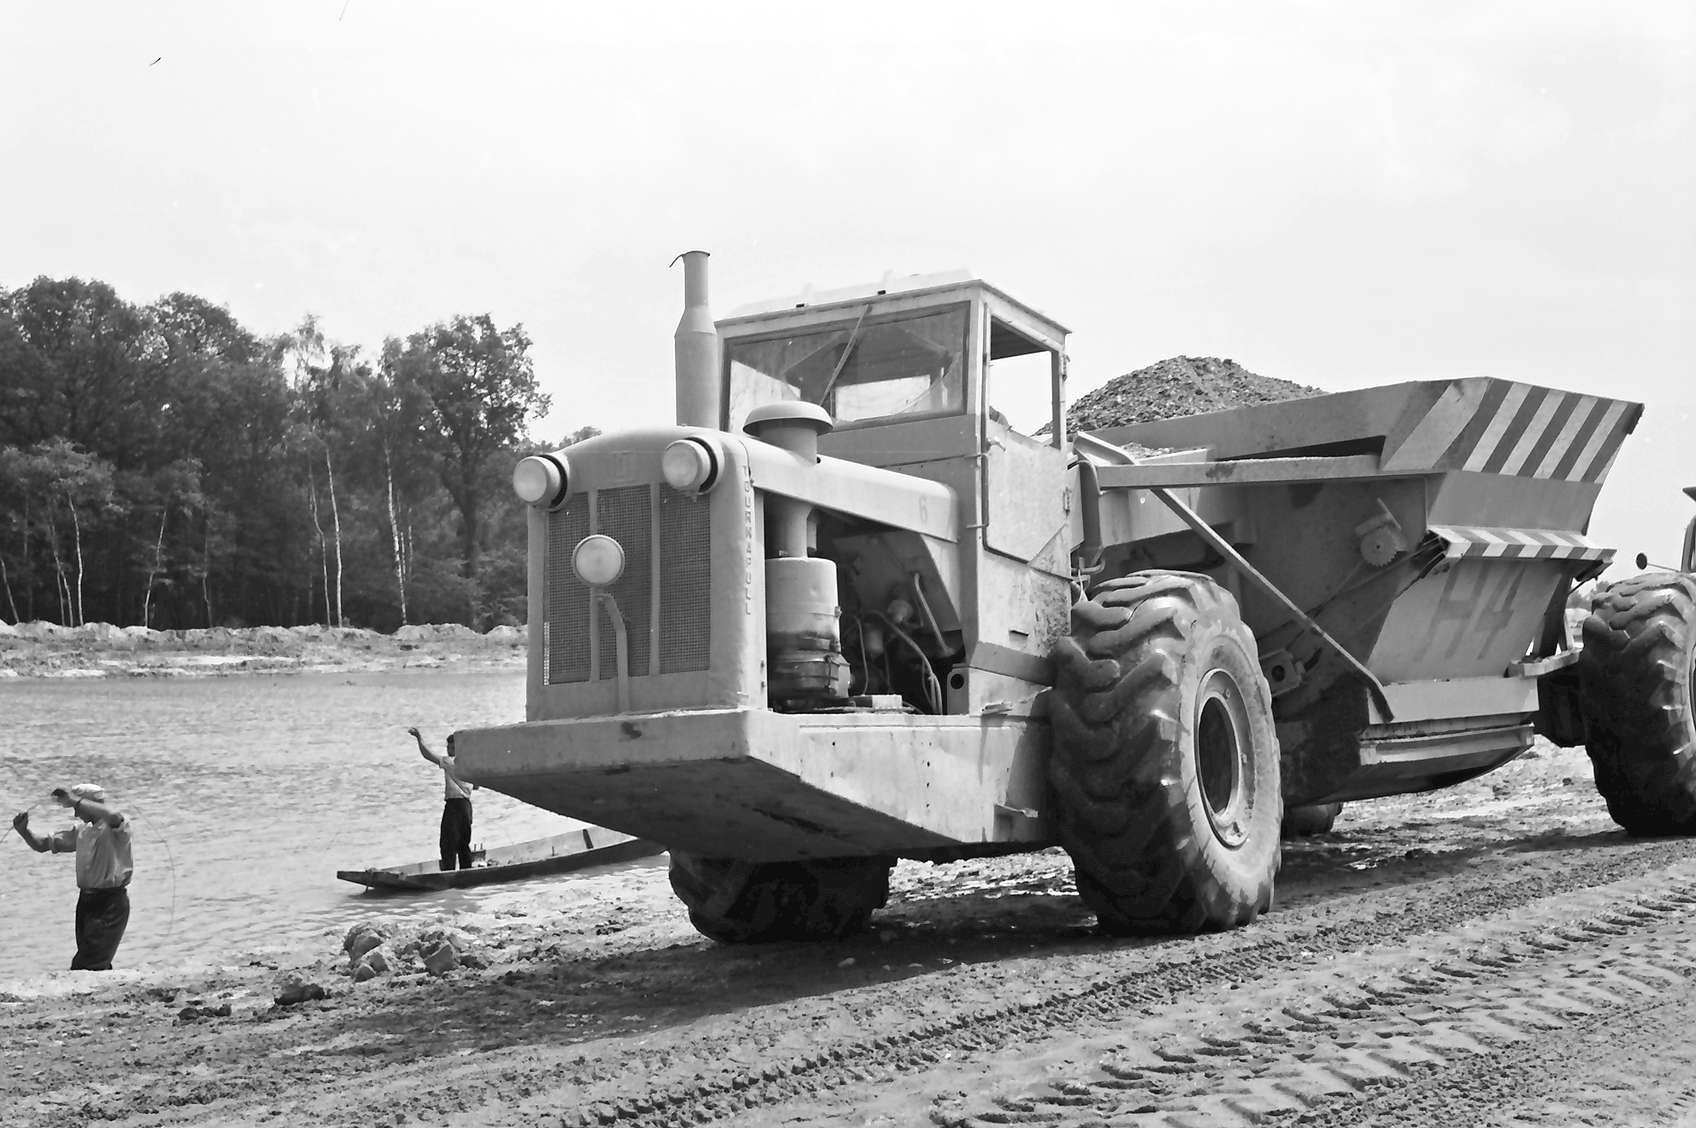 Achern: Materialtransporter; Hintergrund See, Bild 1